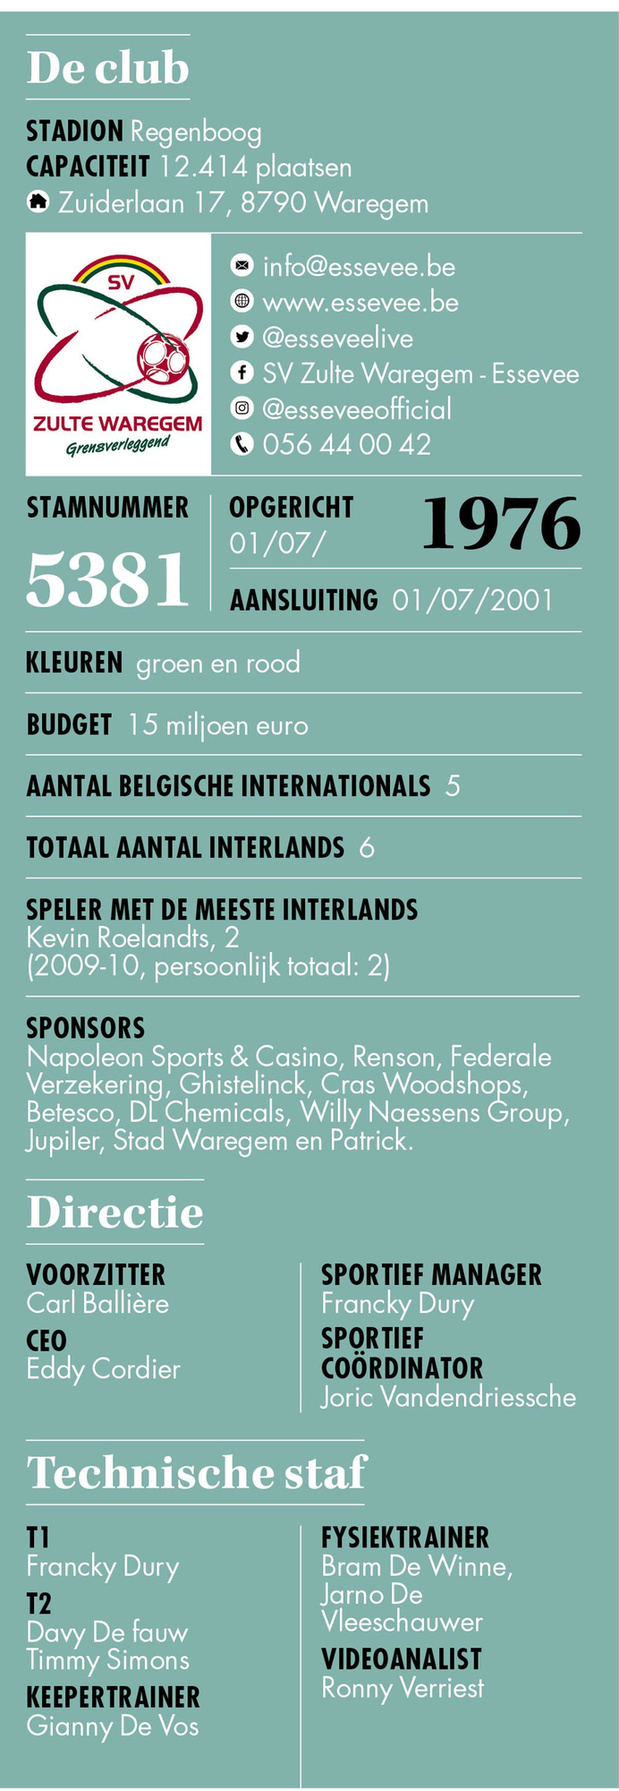 SV Zulte Waregem - Info